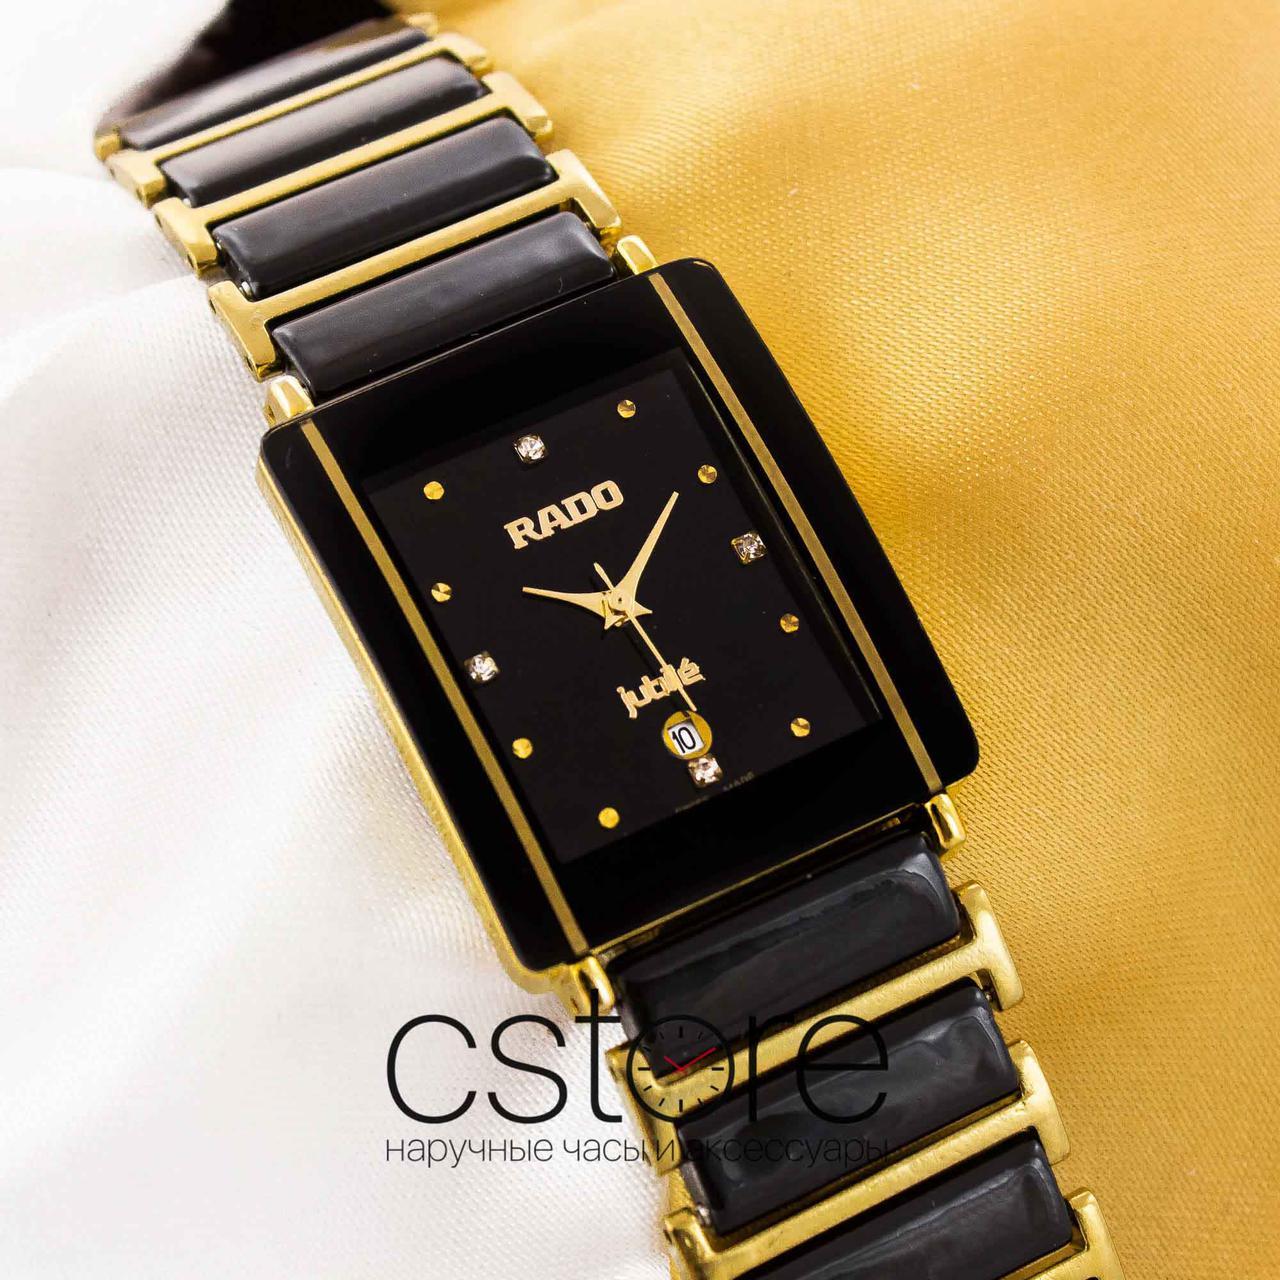 Rado женские наручные часы в мобильных телефонов в форме наручных часов